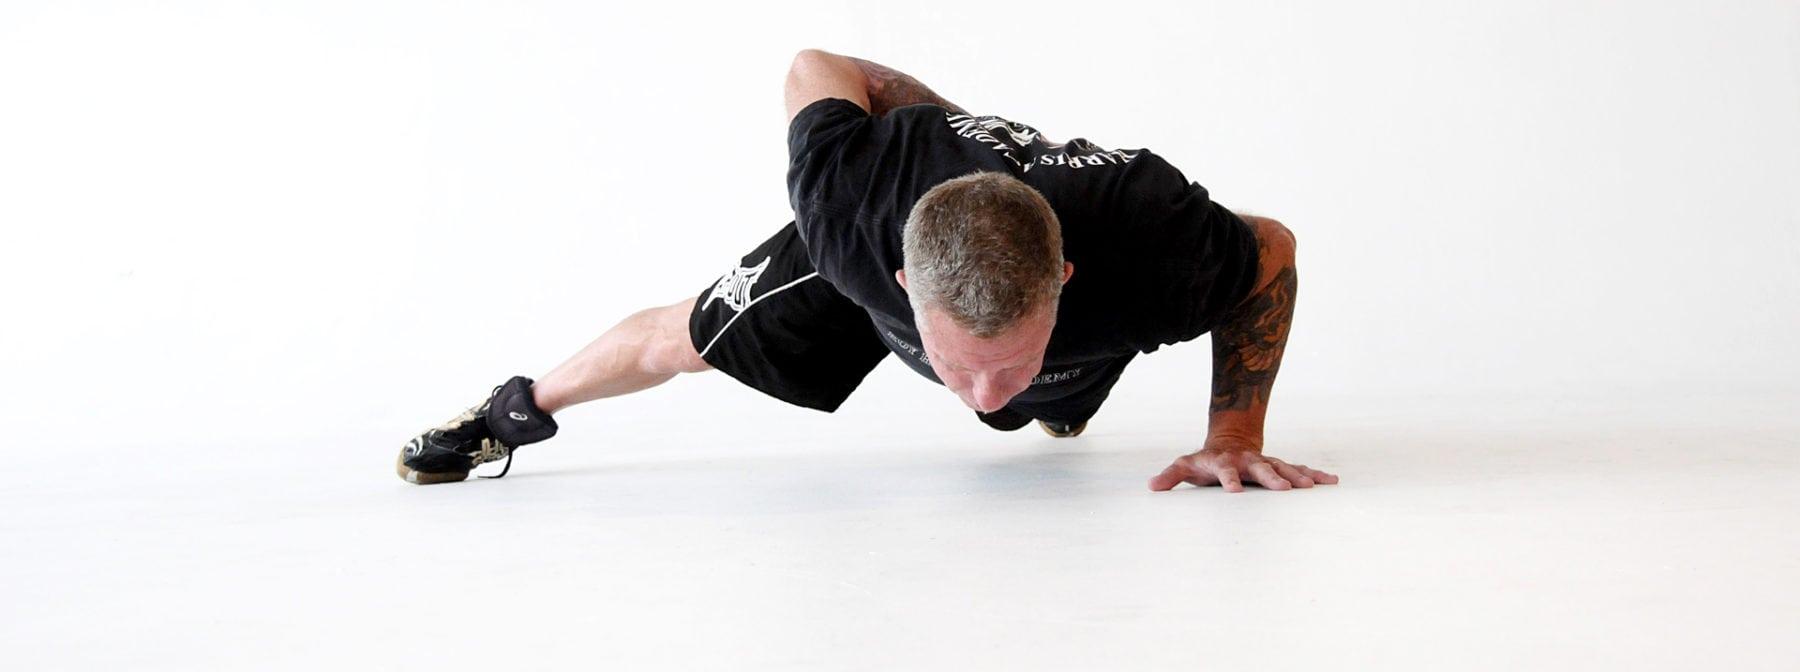 Al performing a push up